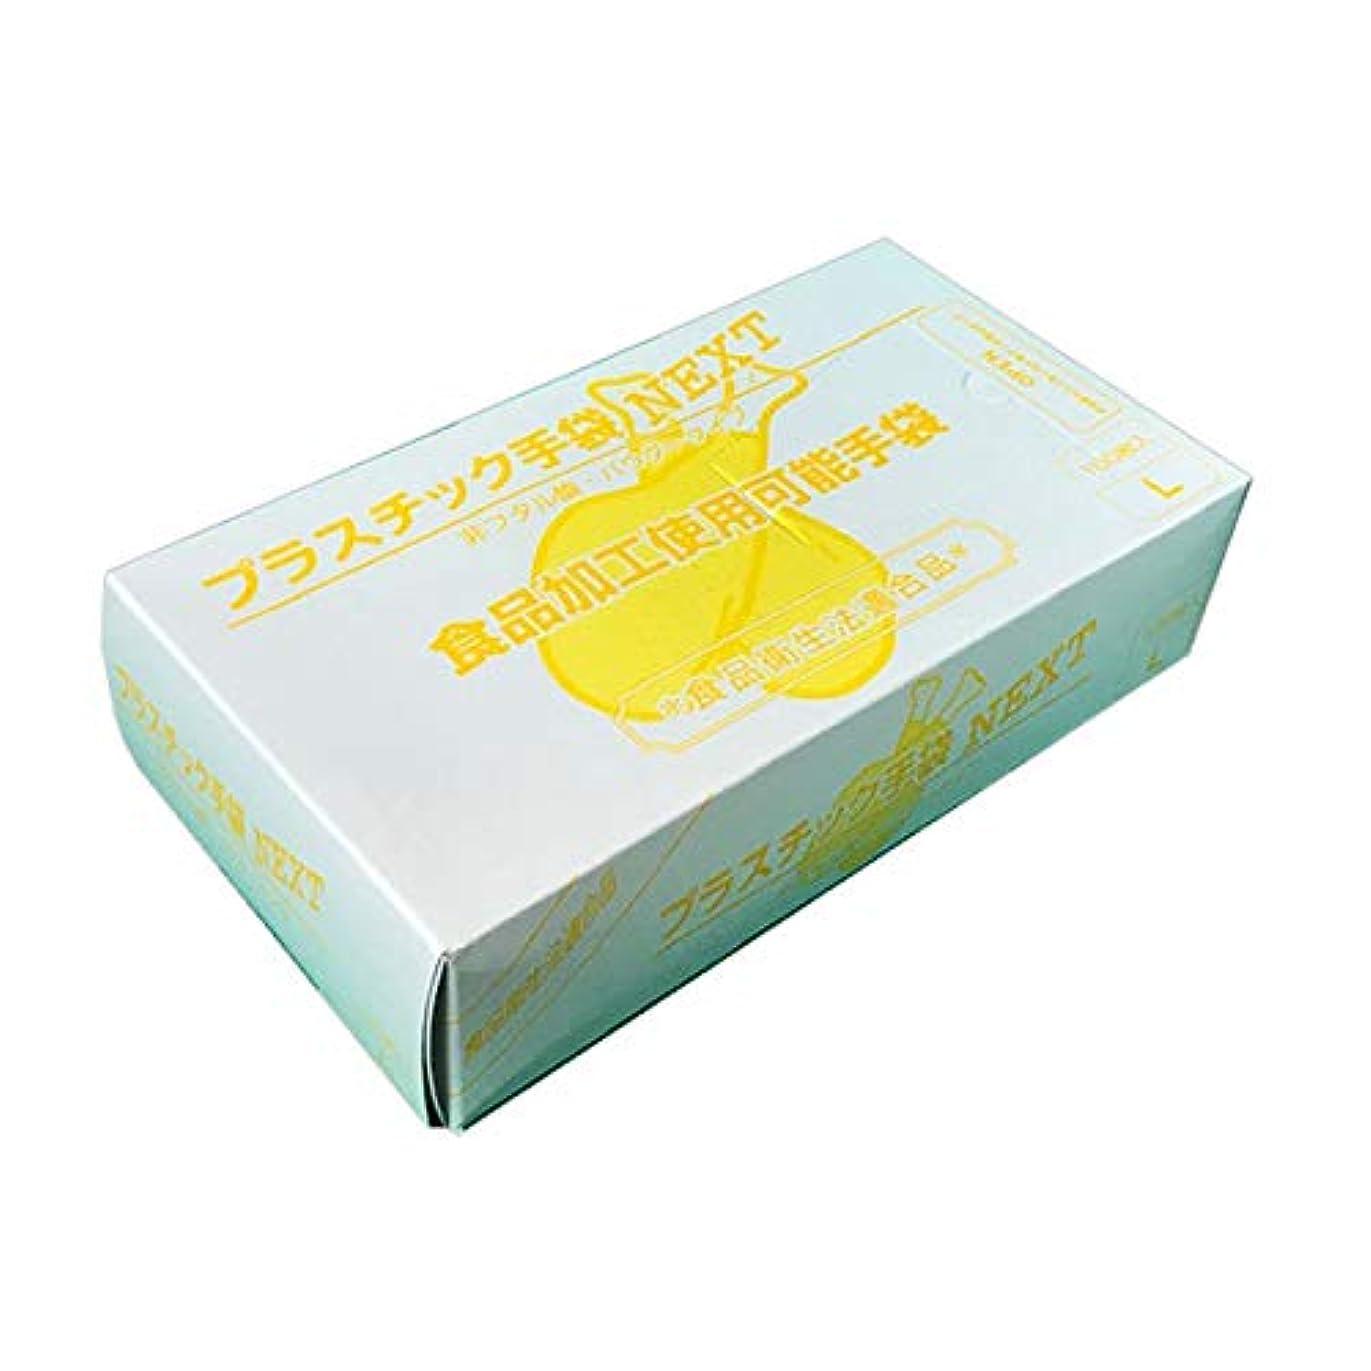 法的忌避剤メニュー使い捨て手袋エブノ PVCディスポ手袋 NEXT 粉付 白 100枚X20箱 (Lサイズ)